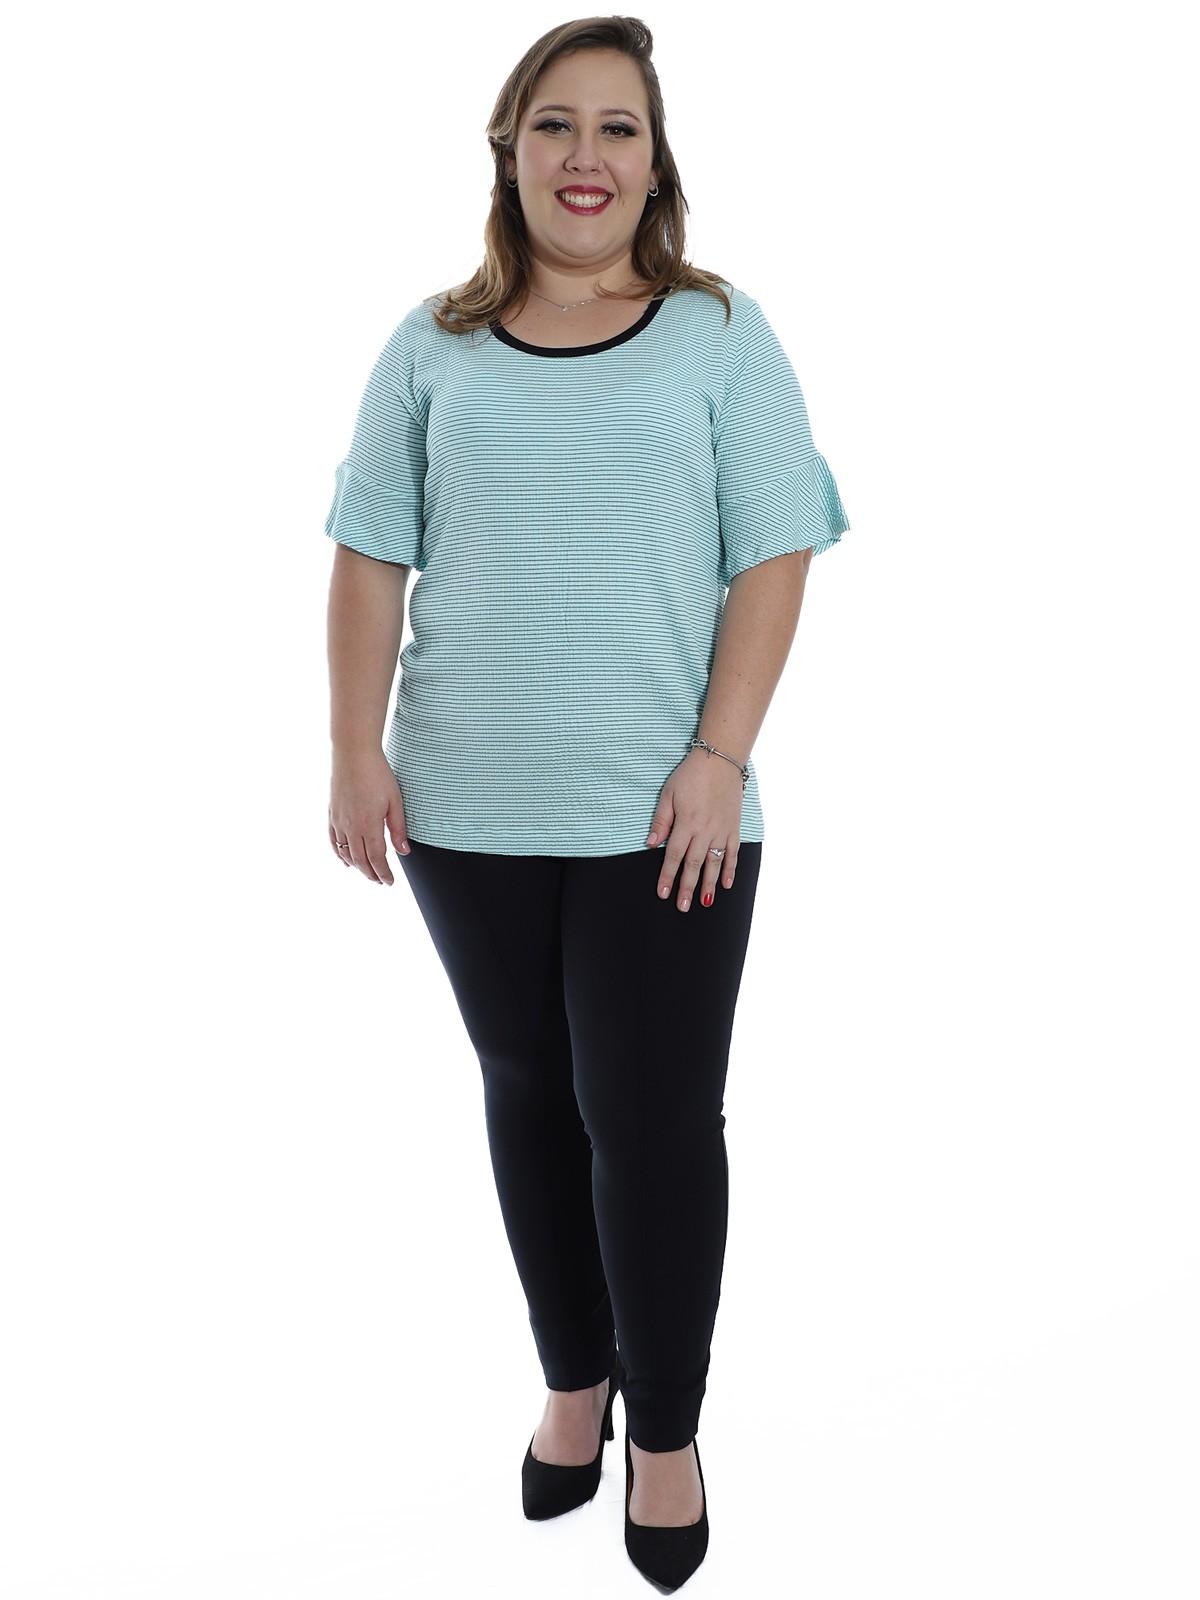 Blusa Plus Size KTS Decote U Fio Tinto Verde